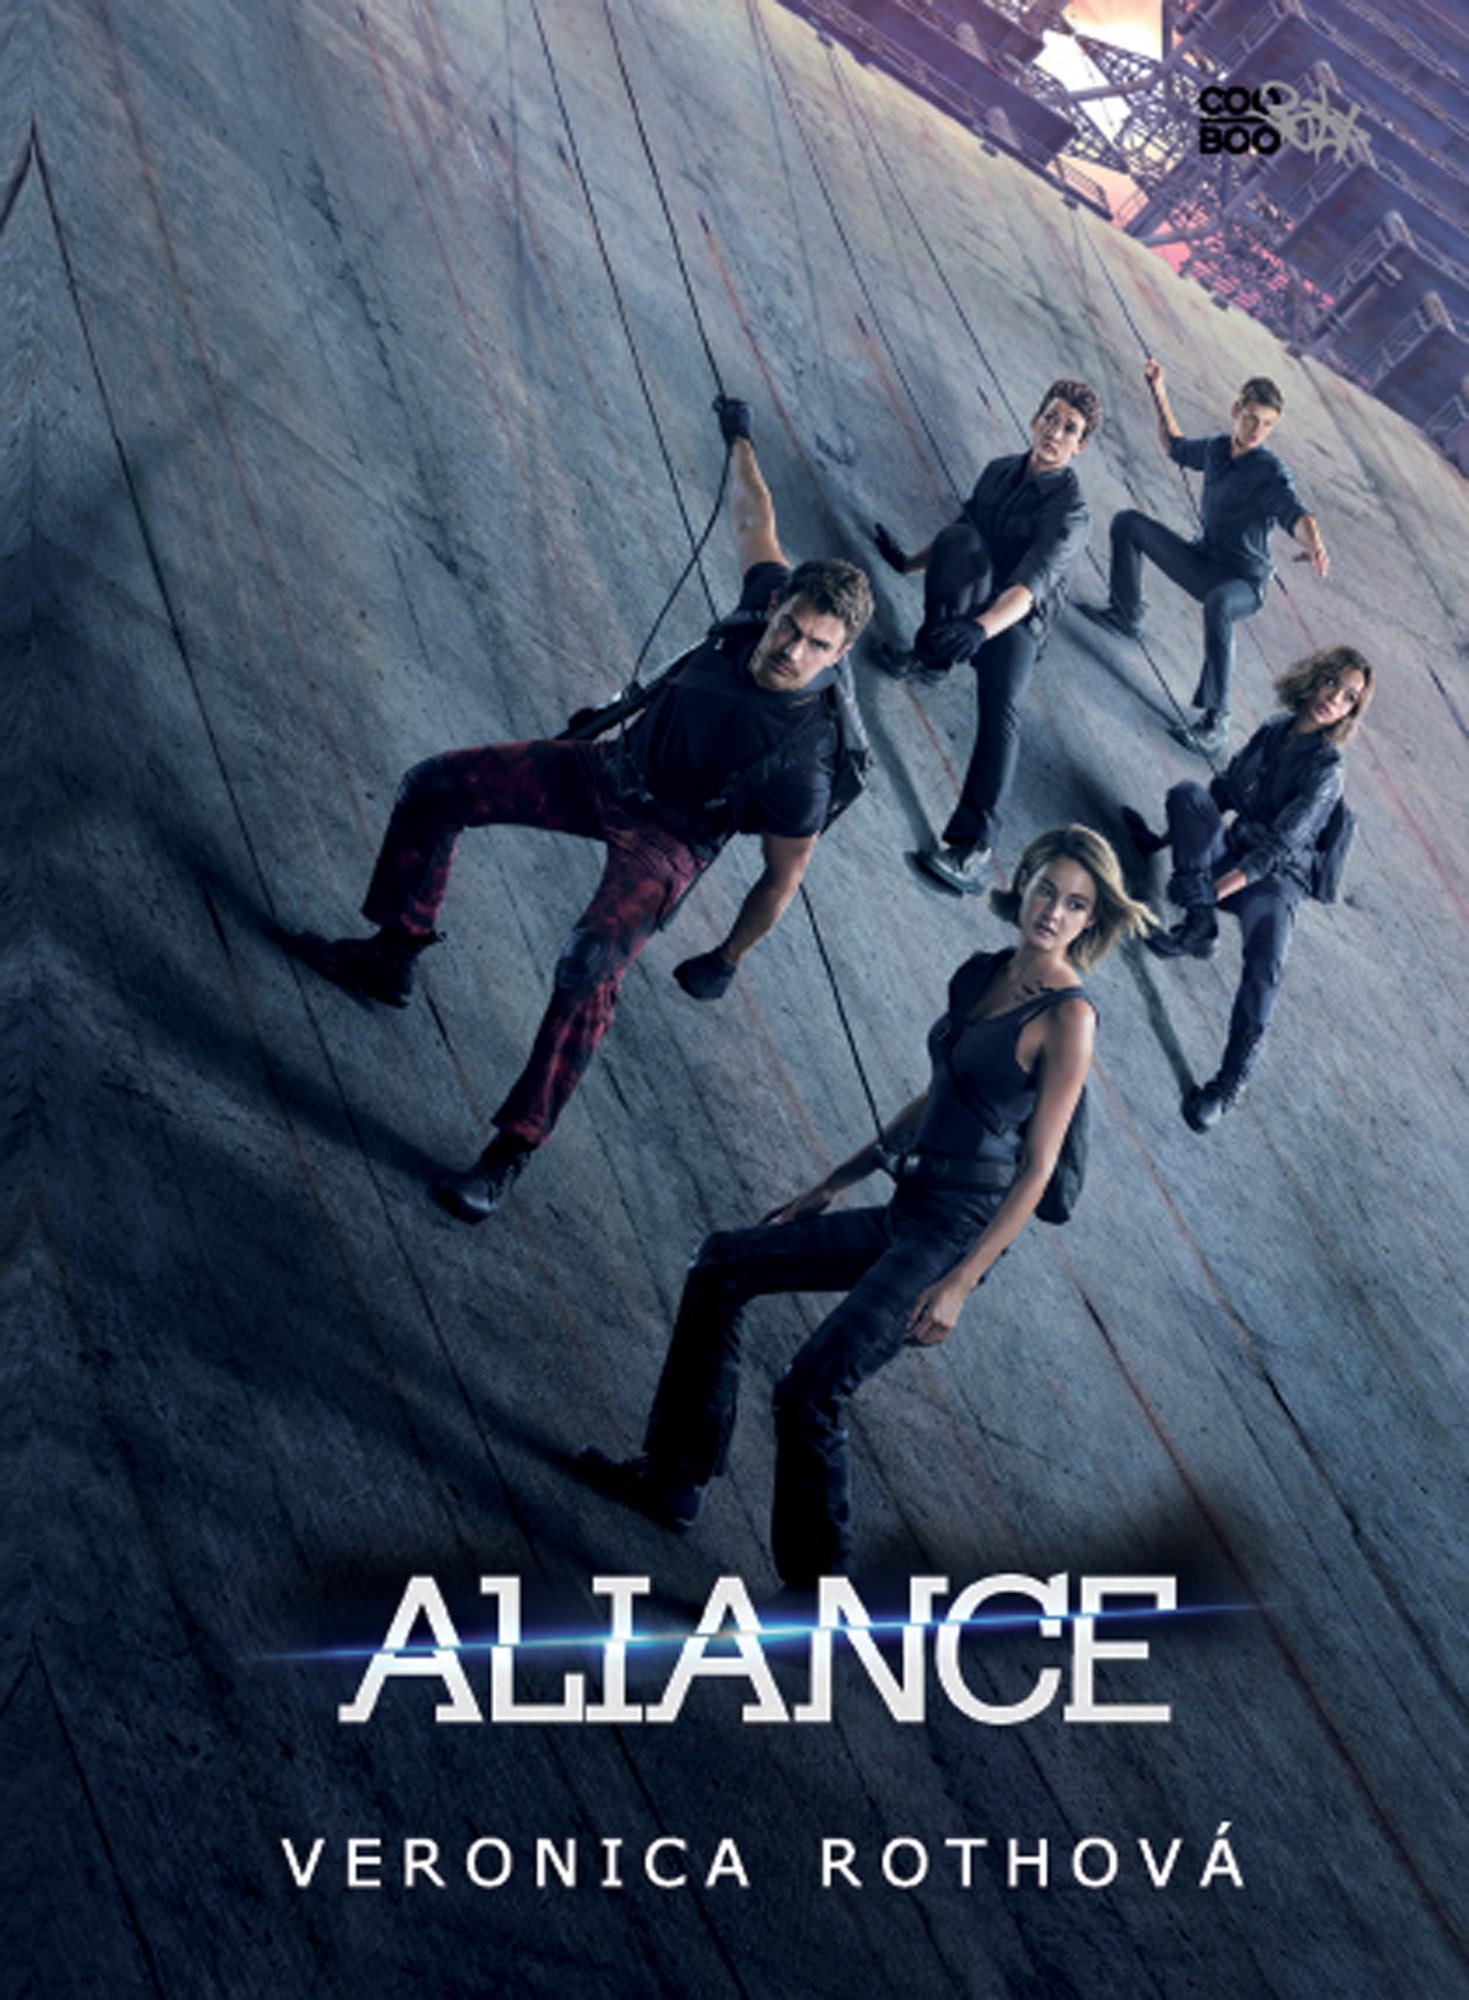 Aliance - filmové vydání   Veronica Rothová